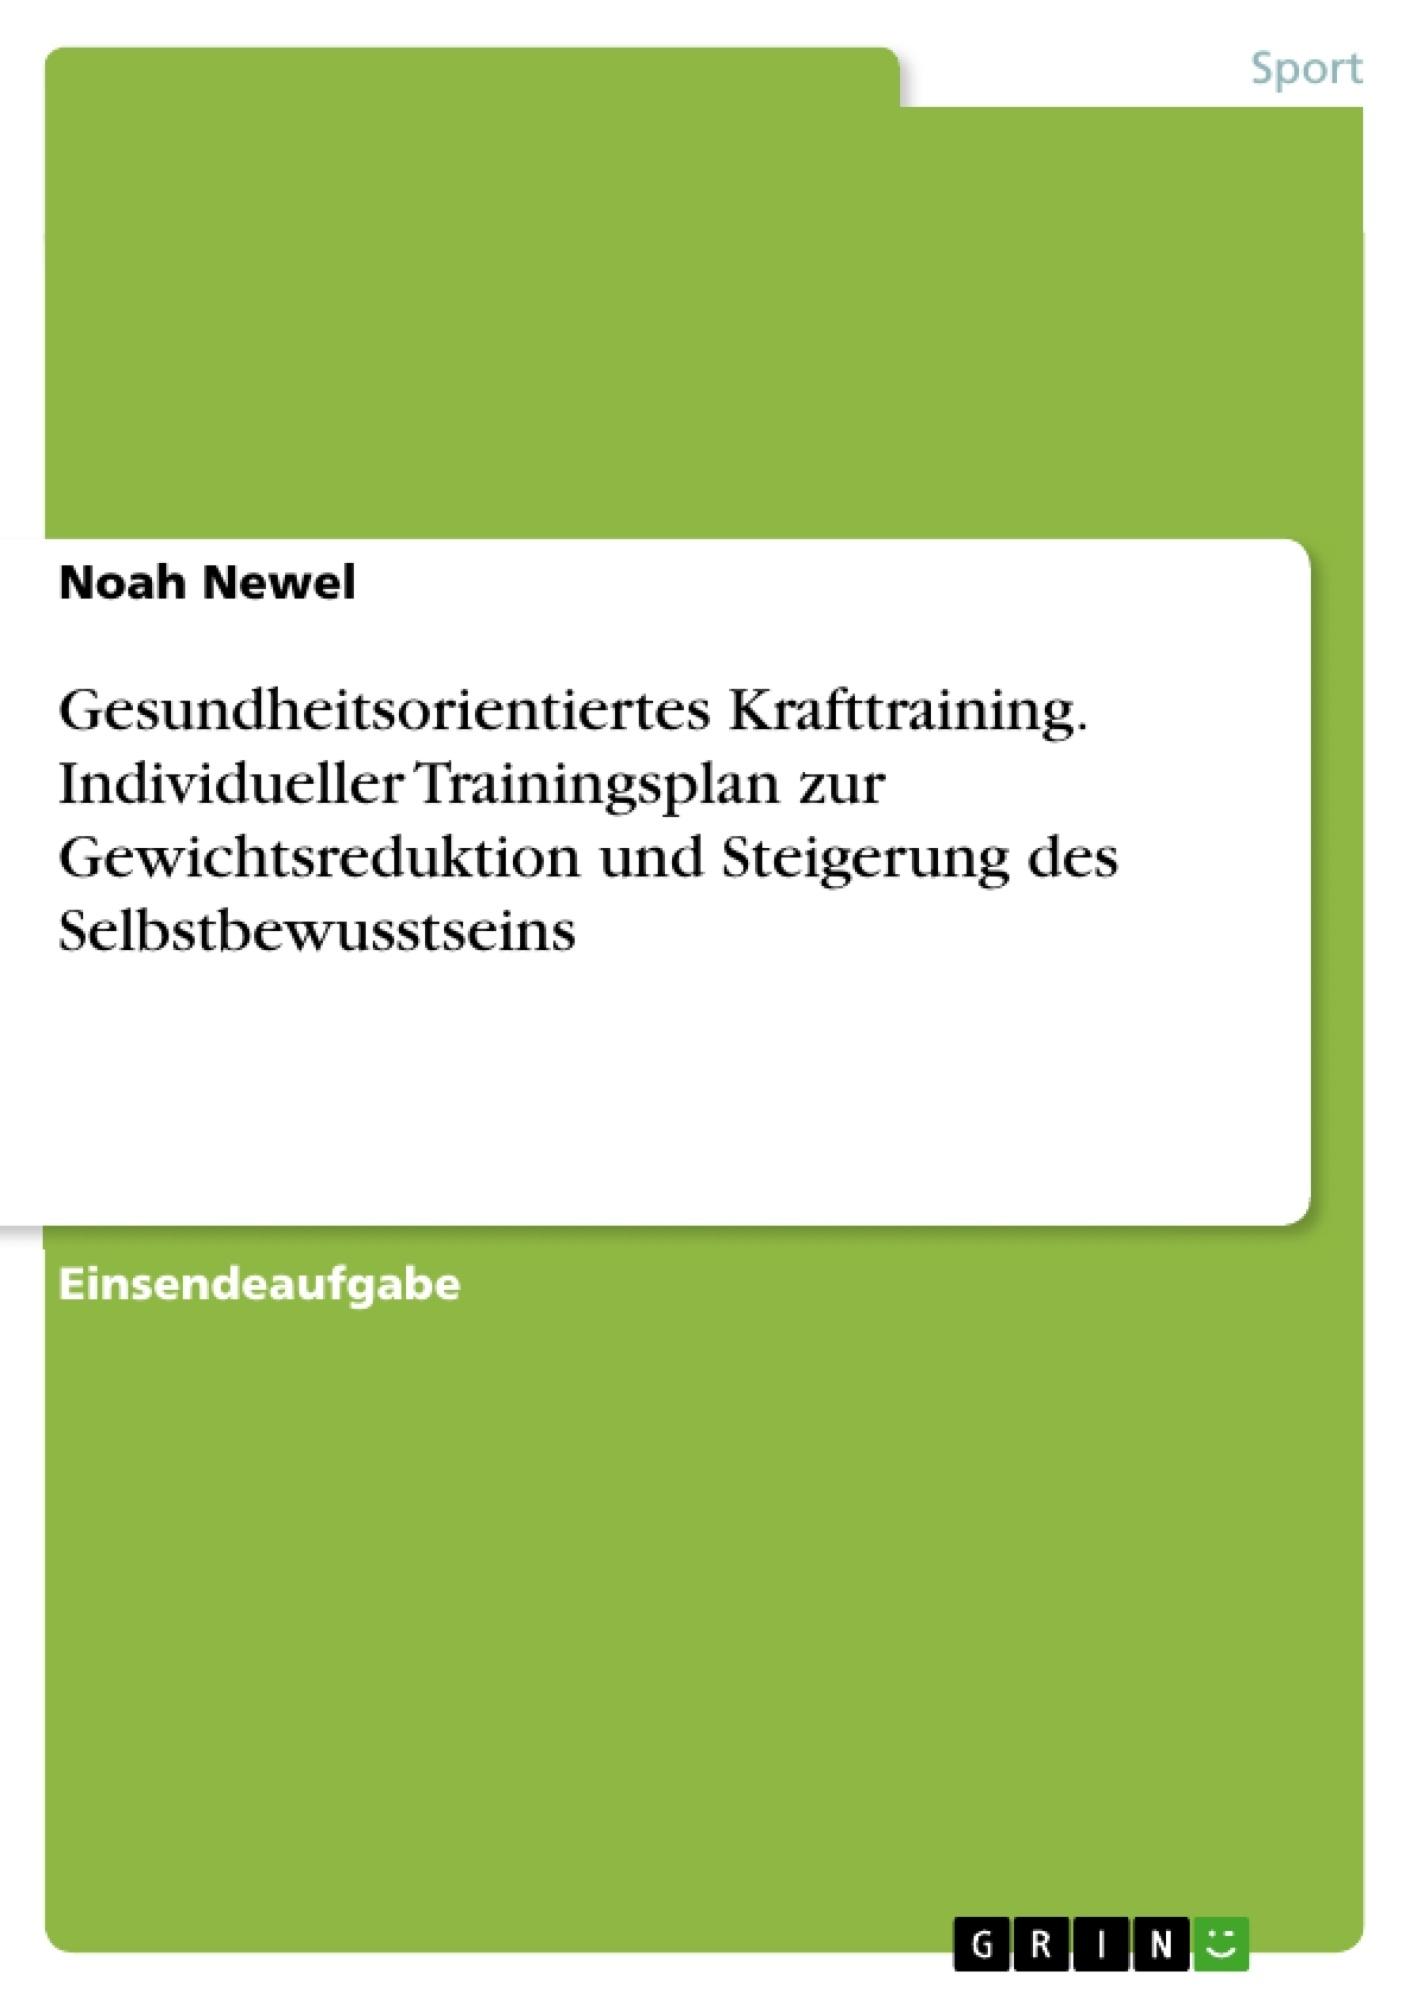 Titel: Gesundheitsorientiertes Krafttraining. Individueller Trainingsplan zur Gewichtsreduktion und Steigerung des Selbstbewusstseins